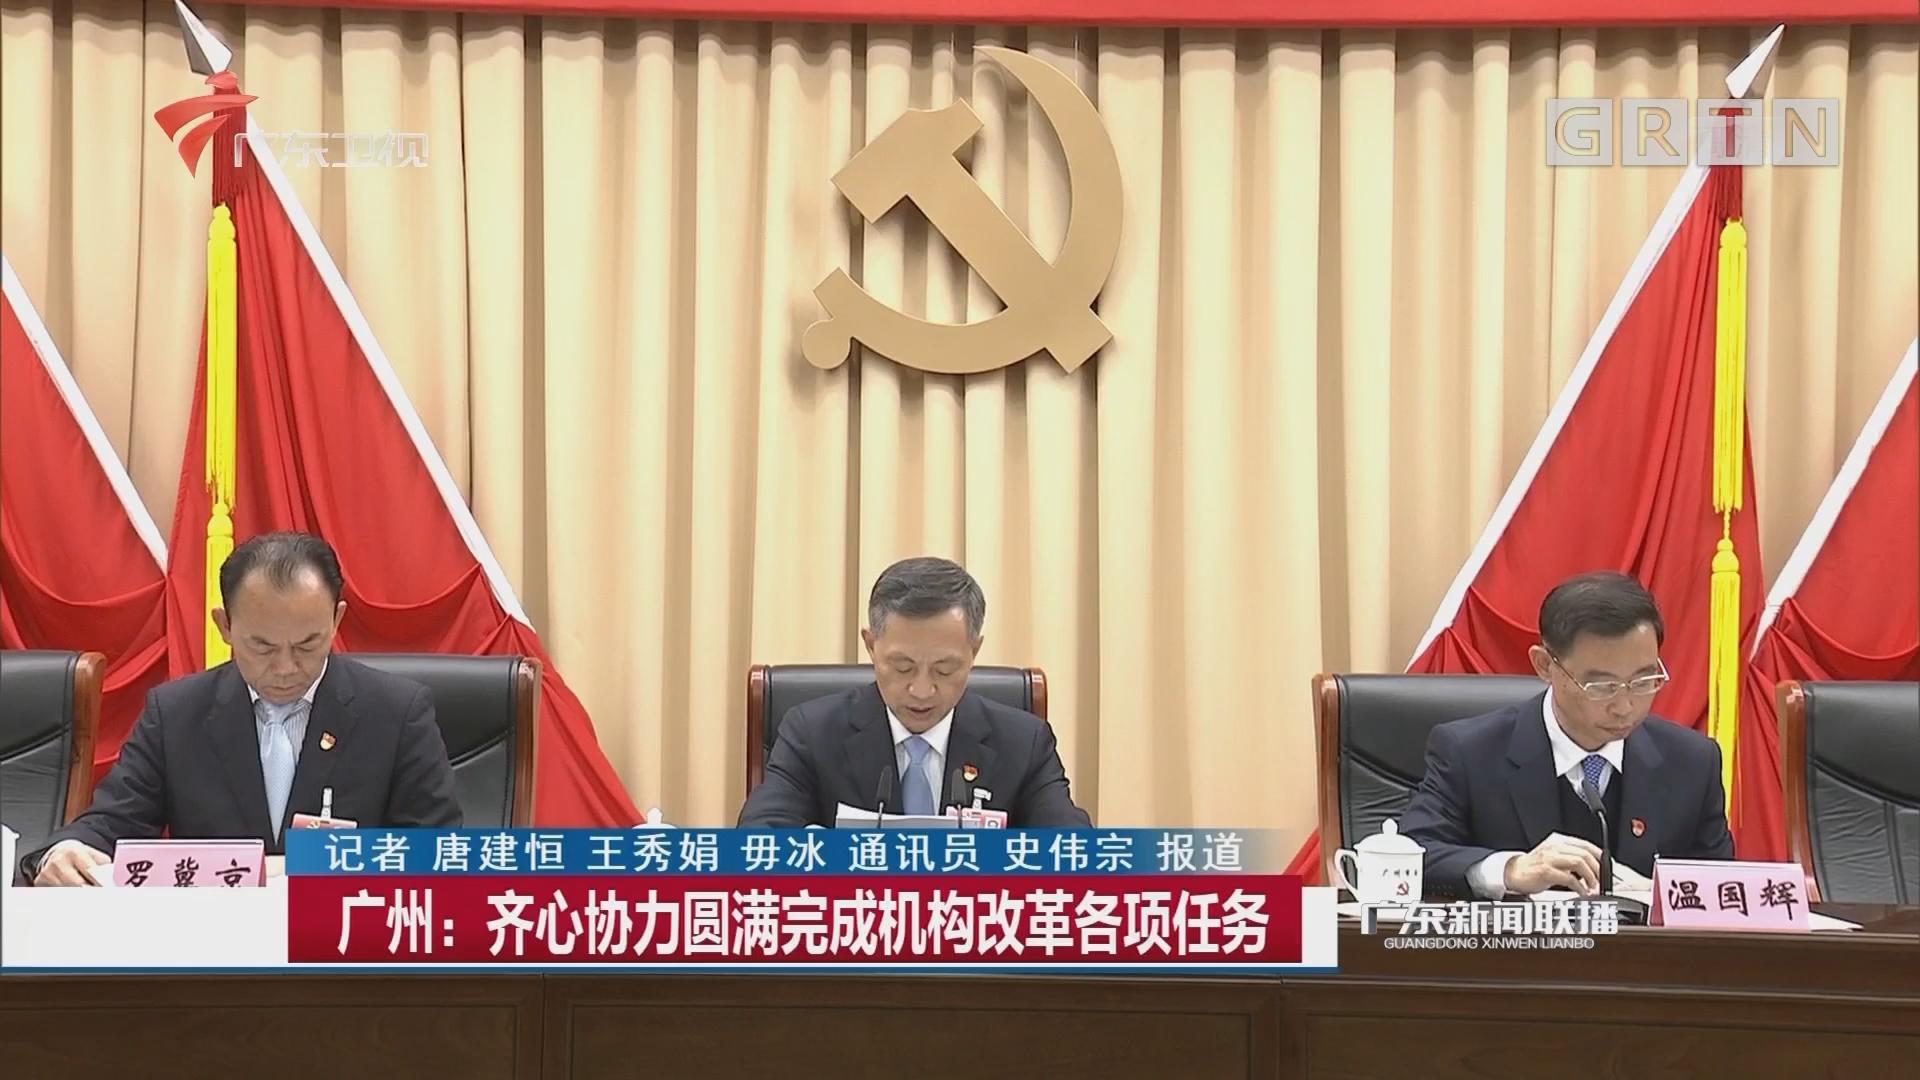 广州:齐心协力圆满完成机构改革各项任务